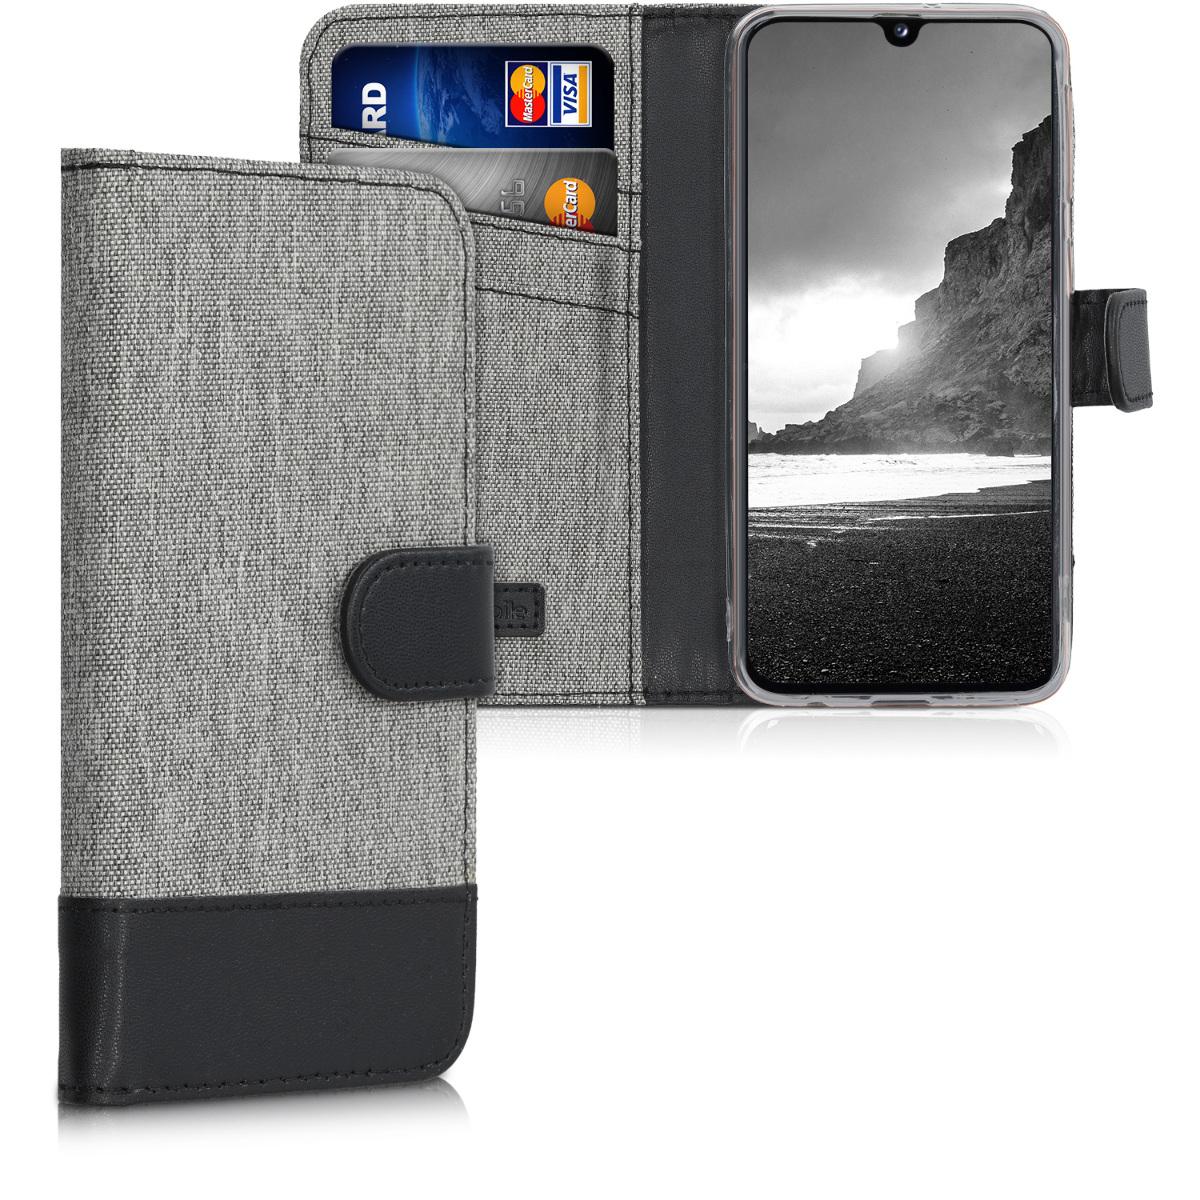 KW Θήκη - Πορτοφόλι Samsung Galaxy A40 - Grey / Black (48548.03)